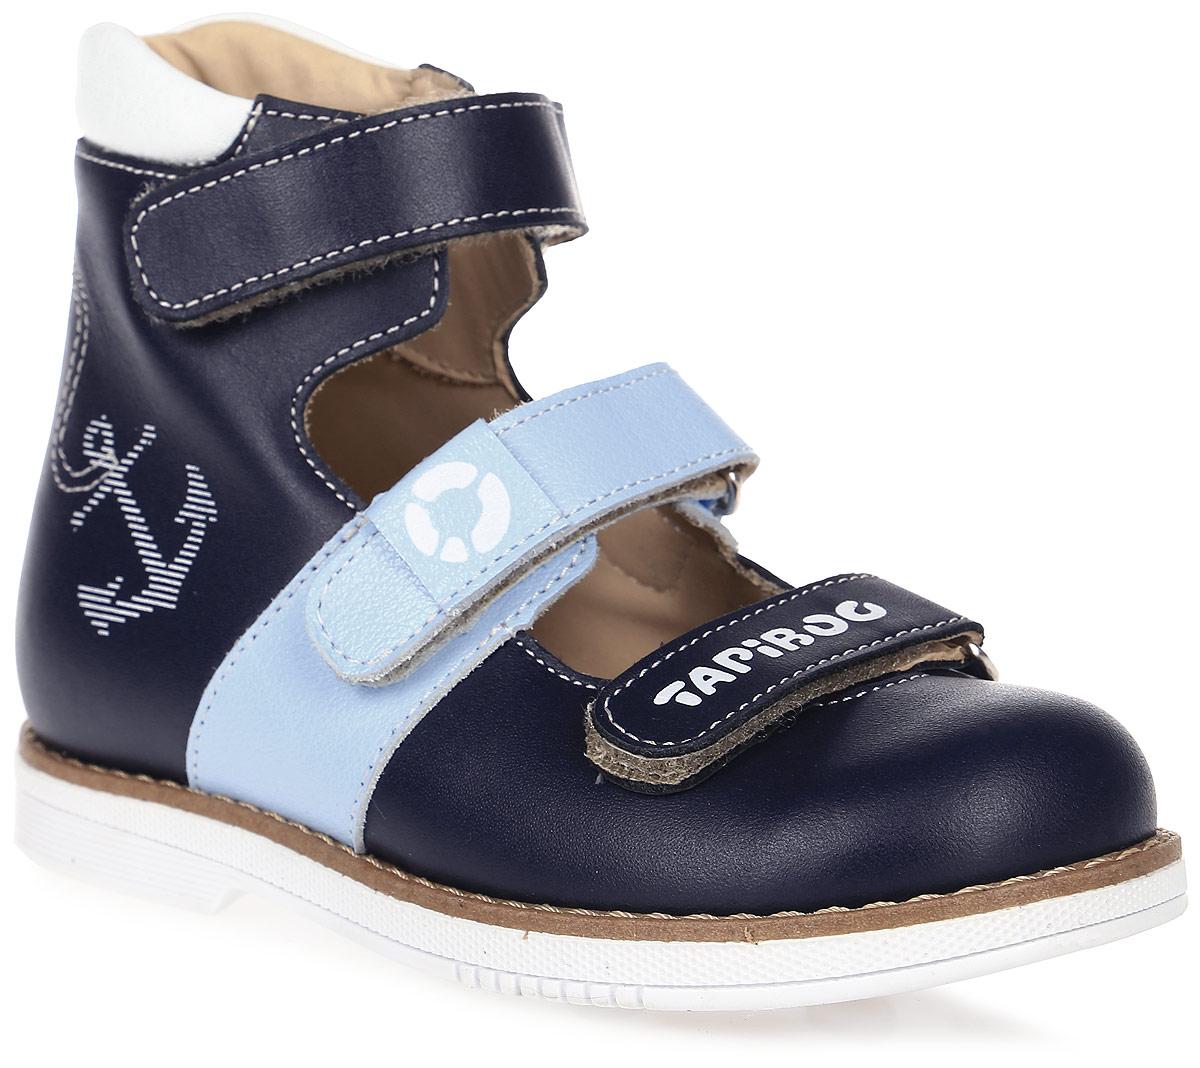 Сандалии для мальчика TapiBoo, цвет: темно-синий, голубой. FT-25007.17-OL09O.01. Размер 24FT-25007.17-OL09O.01Ортопедические сандалии от TapiBoo разработаны для коррекции стоп при вальгусной деформации, а также для профилактики плоскостопия. Модель, выполненная из натуральной кожи, оформлена контрастной прострочкой и сбоку морским принтом.Жесткий фиксирующий задник увеличенной высоты и три застежки - липучки, обеспечивают необходимую фиксацию голеностопа в правильном положении. Нижний ремешок дополнен логотипом бренда, ремешок на подъеме - фирменной нашивкой. Ортопедический каблук Томаса укрепляет подошву под средней частью стопы и препятствует ее заваливанию внутрь. Отсутствие швов на подкладке обеспечивает дополнительный комфорт и предотвращает натирание. Рельефный рисунок подошвы обеспечивает сцепление с любыми поверхностями. Такие сандалии станут незаменимыми в гардеробе вашего ребенка.